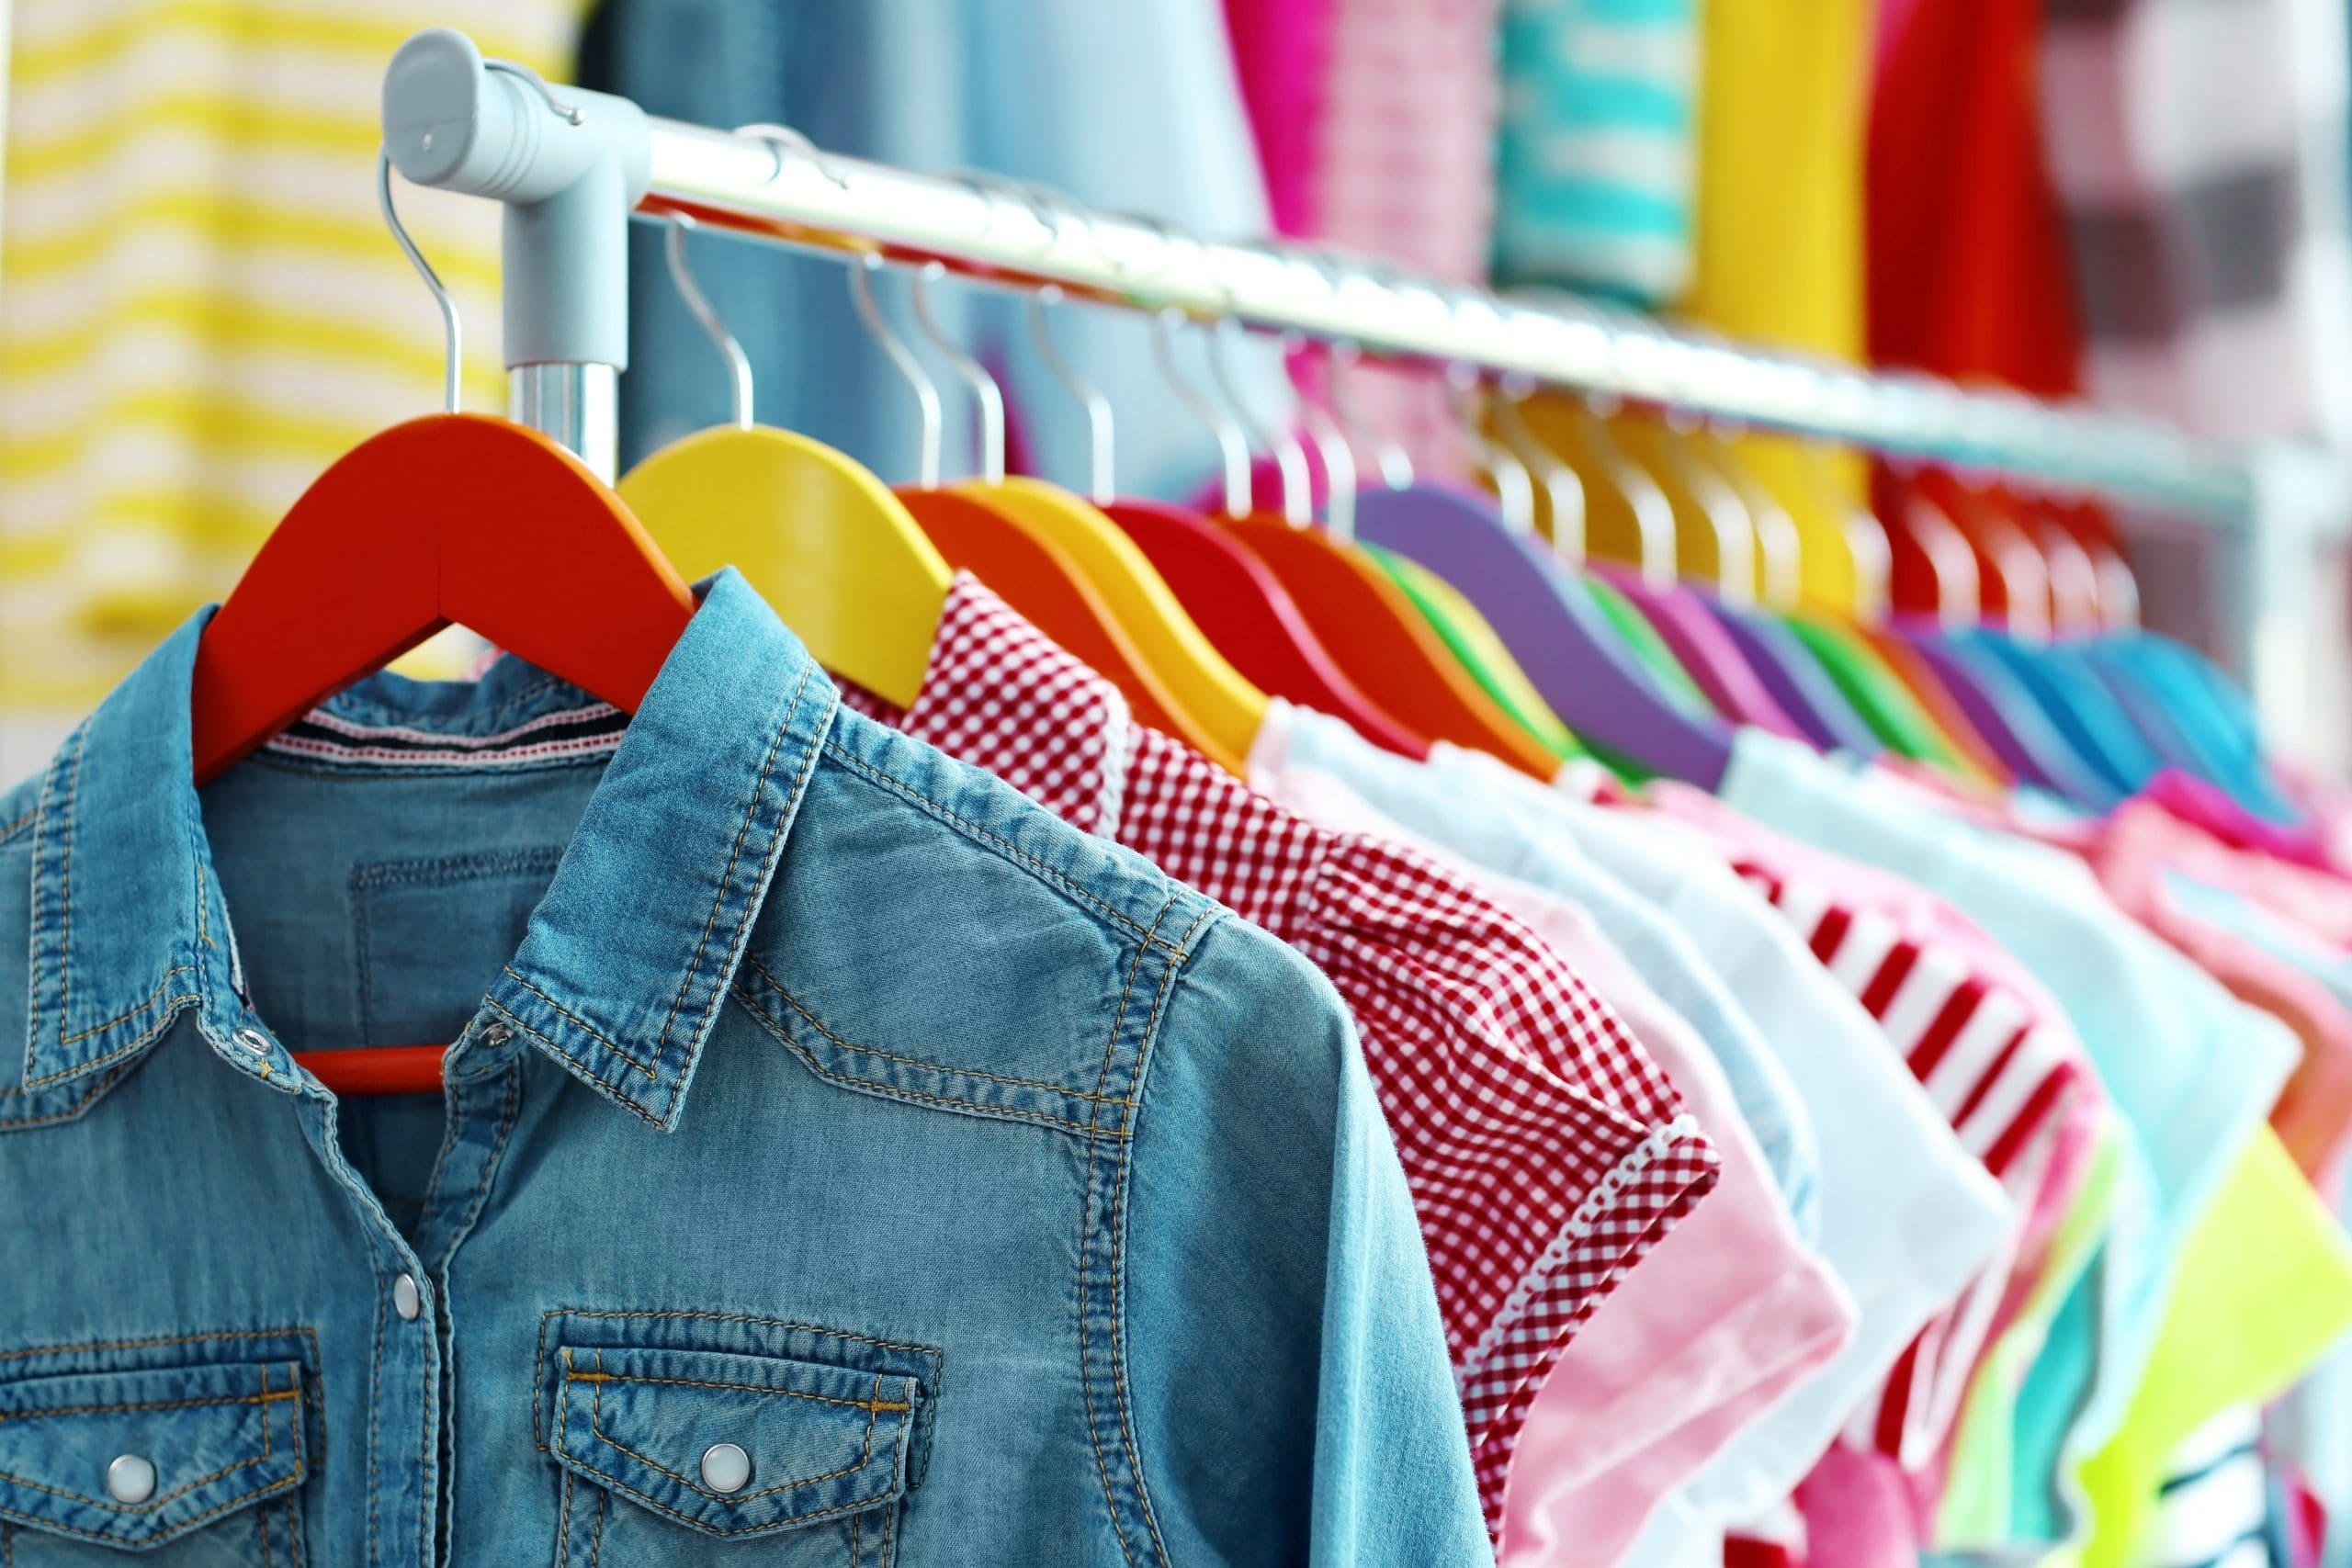 migliori-siti-acquistare-vestiti-online